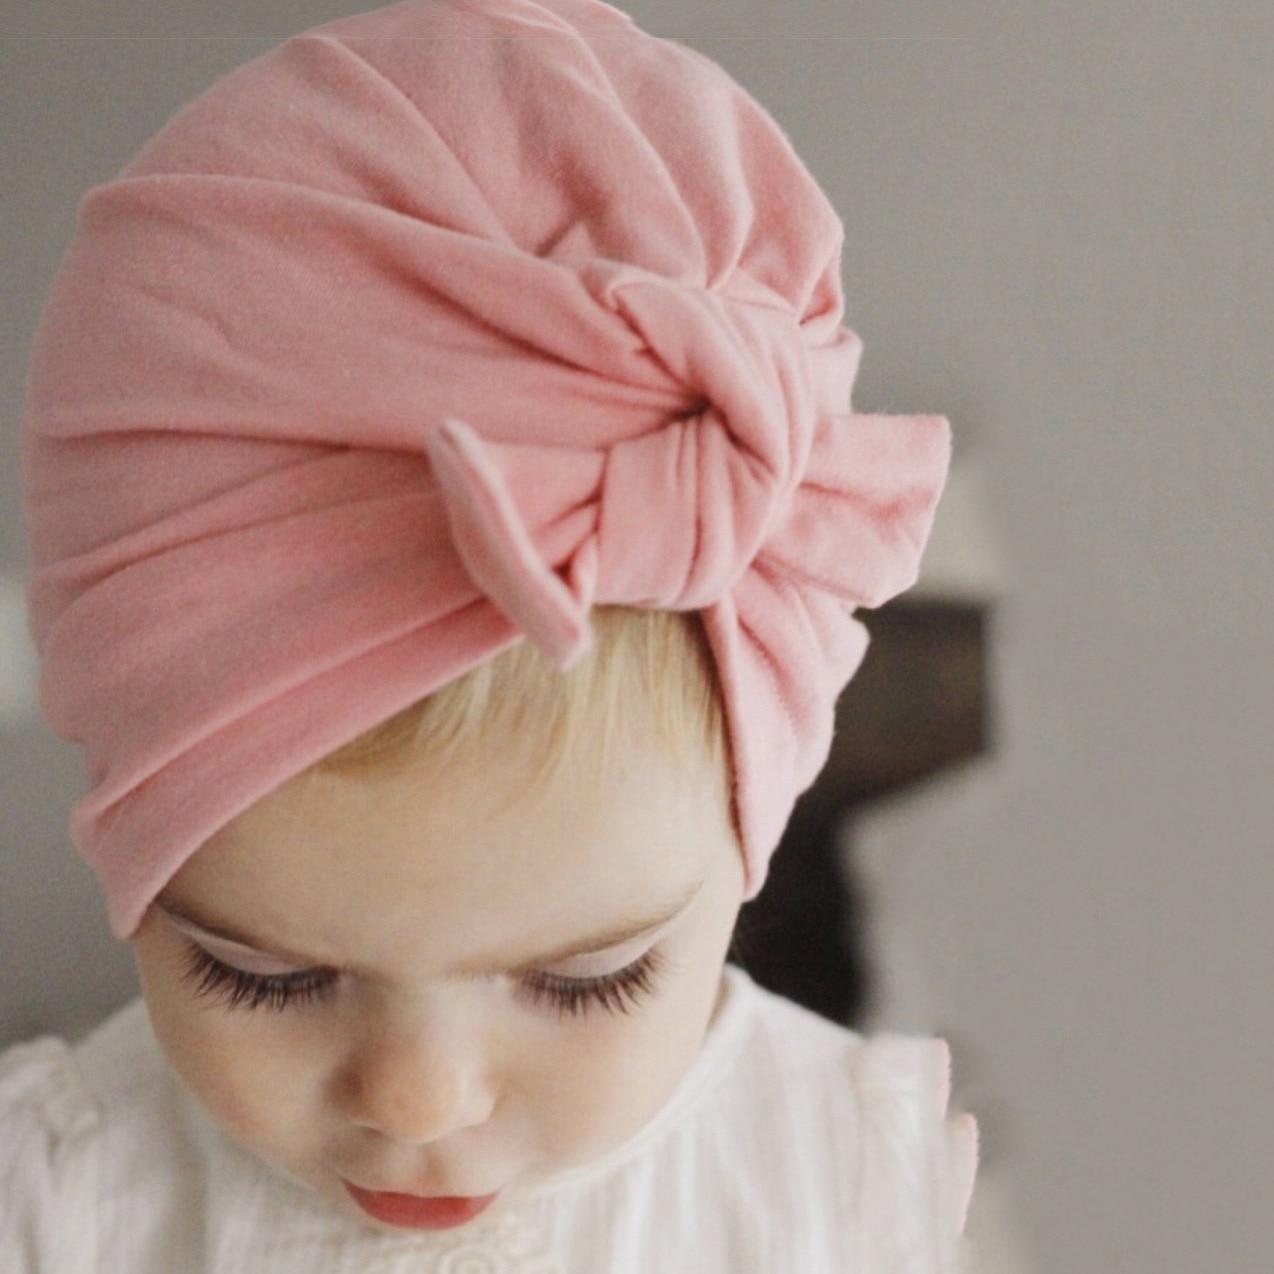 Baby Turban Hat With Bow Children Hat Bandanas Cotton Blend Newborn Beanie Kids Baby Little Baby Headwrap Girl Hair Accessories